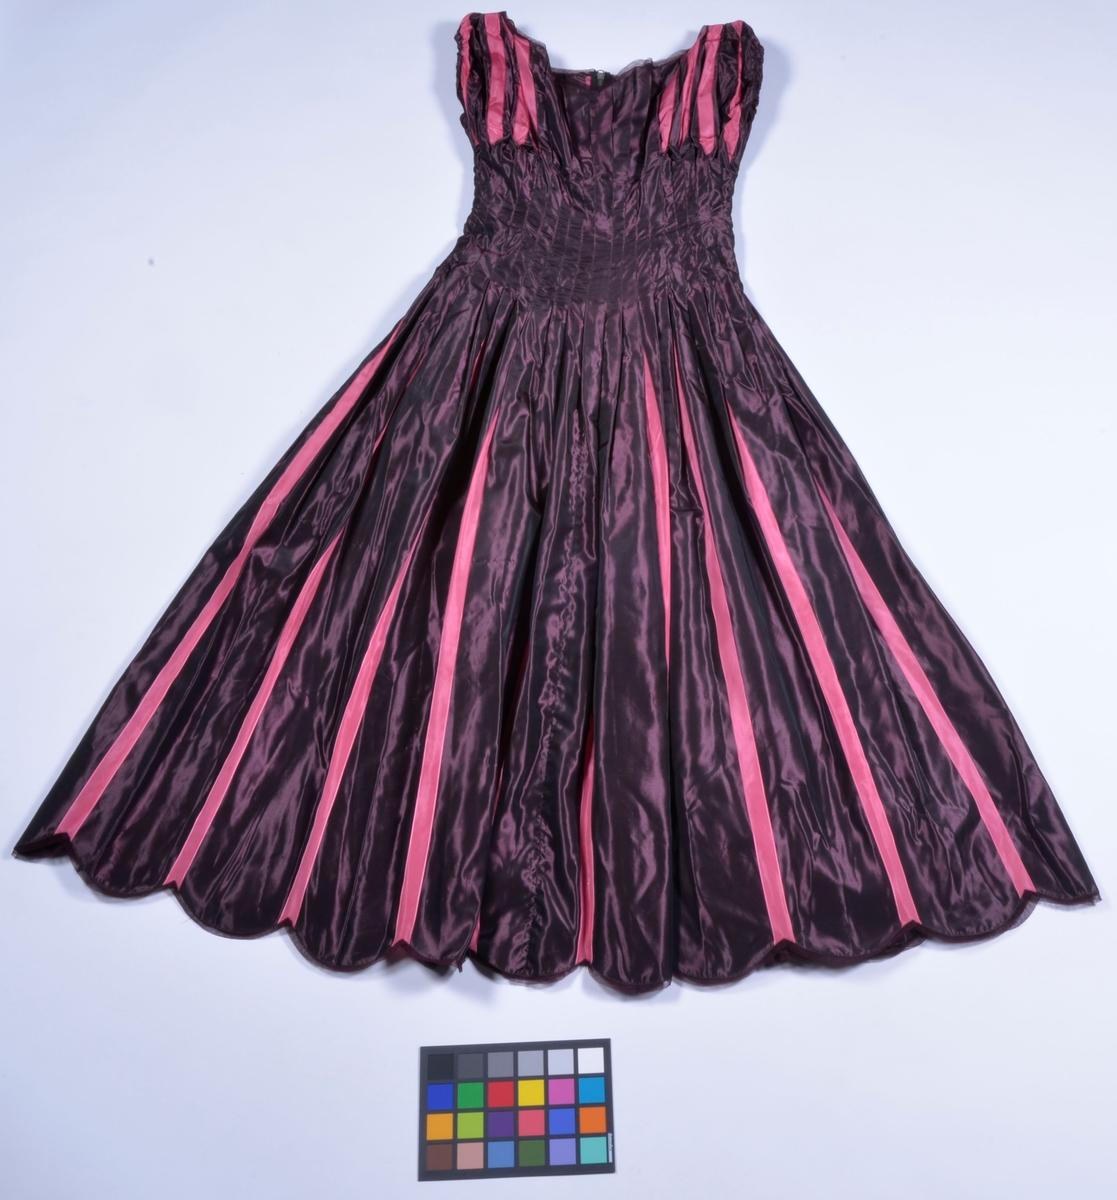 Av randigt taftsiden i färgerna lila och rosa. Modellen helskuren, midjepartiet har insydda  veck som döljer de rosa ränderna. Livet och kjolen har löst liggande veck där randningen  framträder, korta ärmar.  Klänningen är sydd 1937 och modellen ritad av Jonas Alströmer.